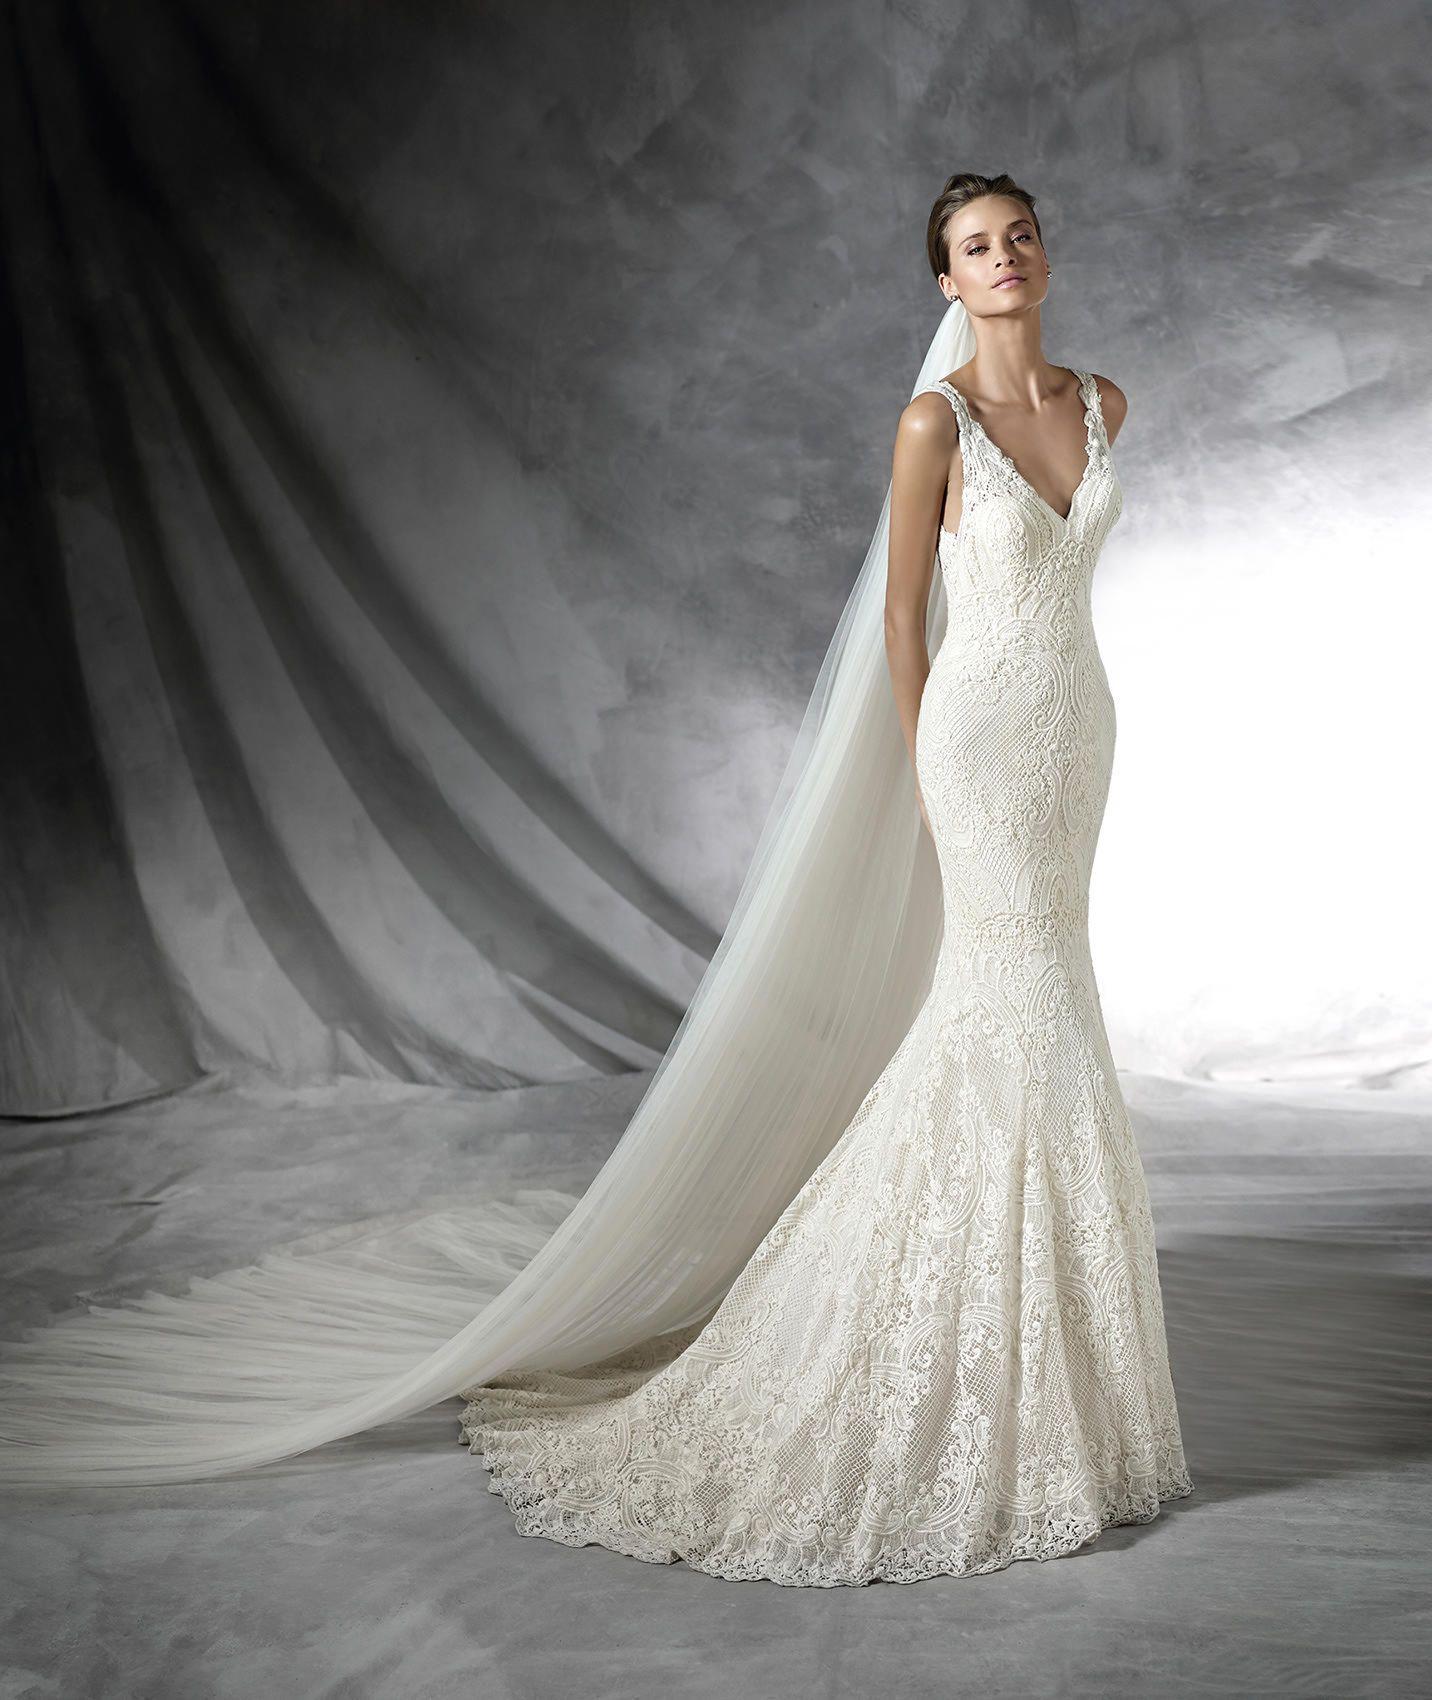 PROLA - Originelles Brautkleid mit V-Ausschnitt | Ausschnitt ...